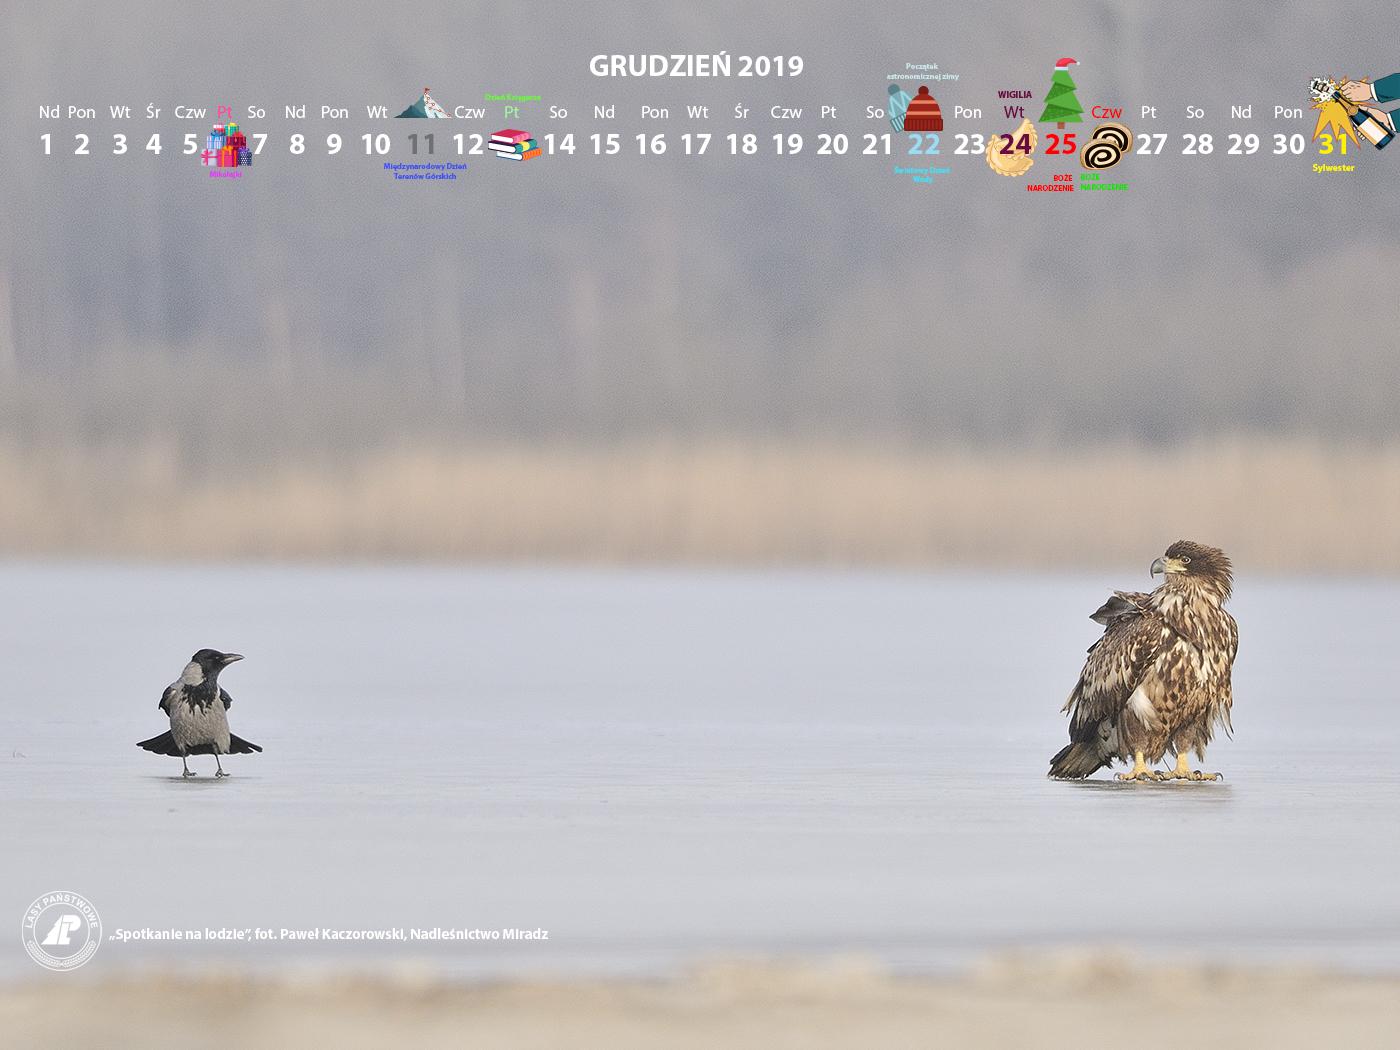 Kalendarz 12 2019 1400x1050.jpg